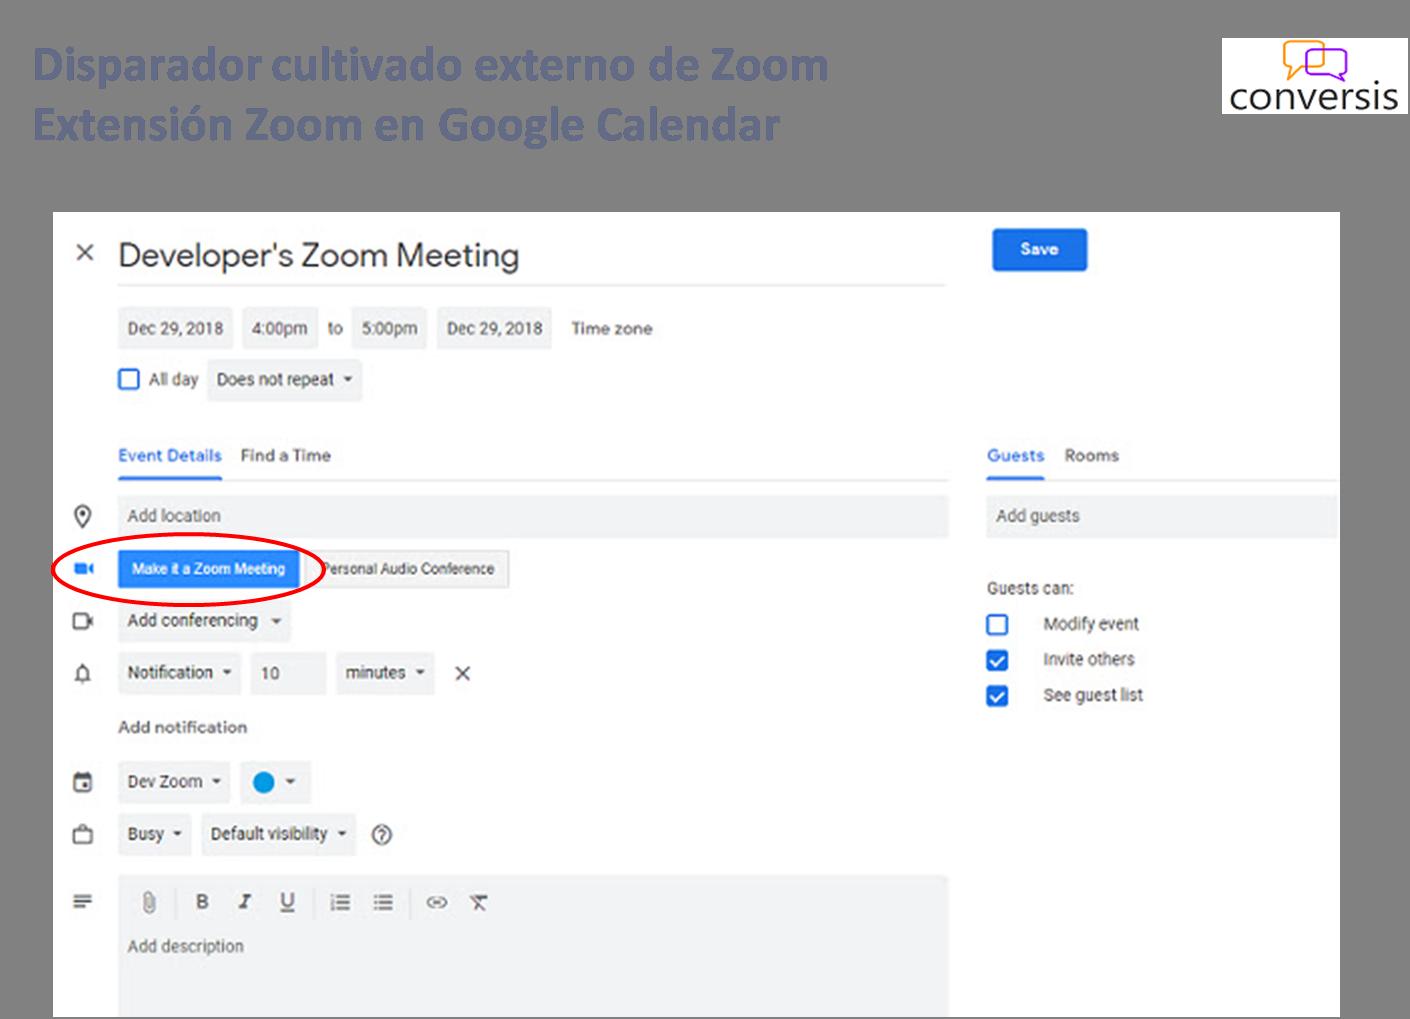 Disparador cultivado externo de Zoom